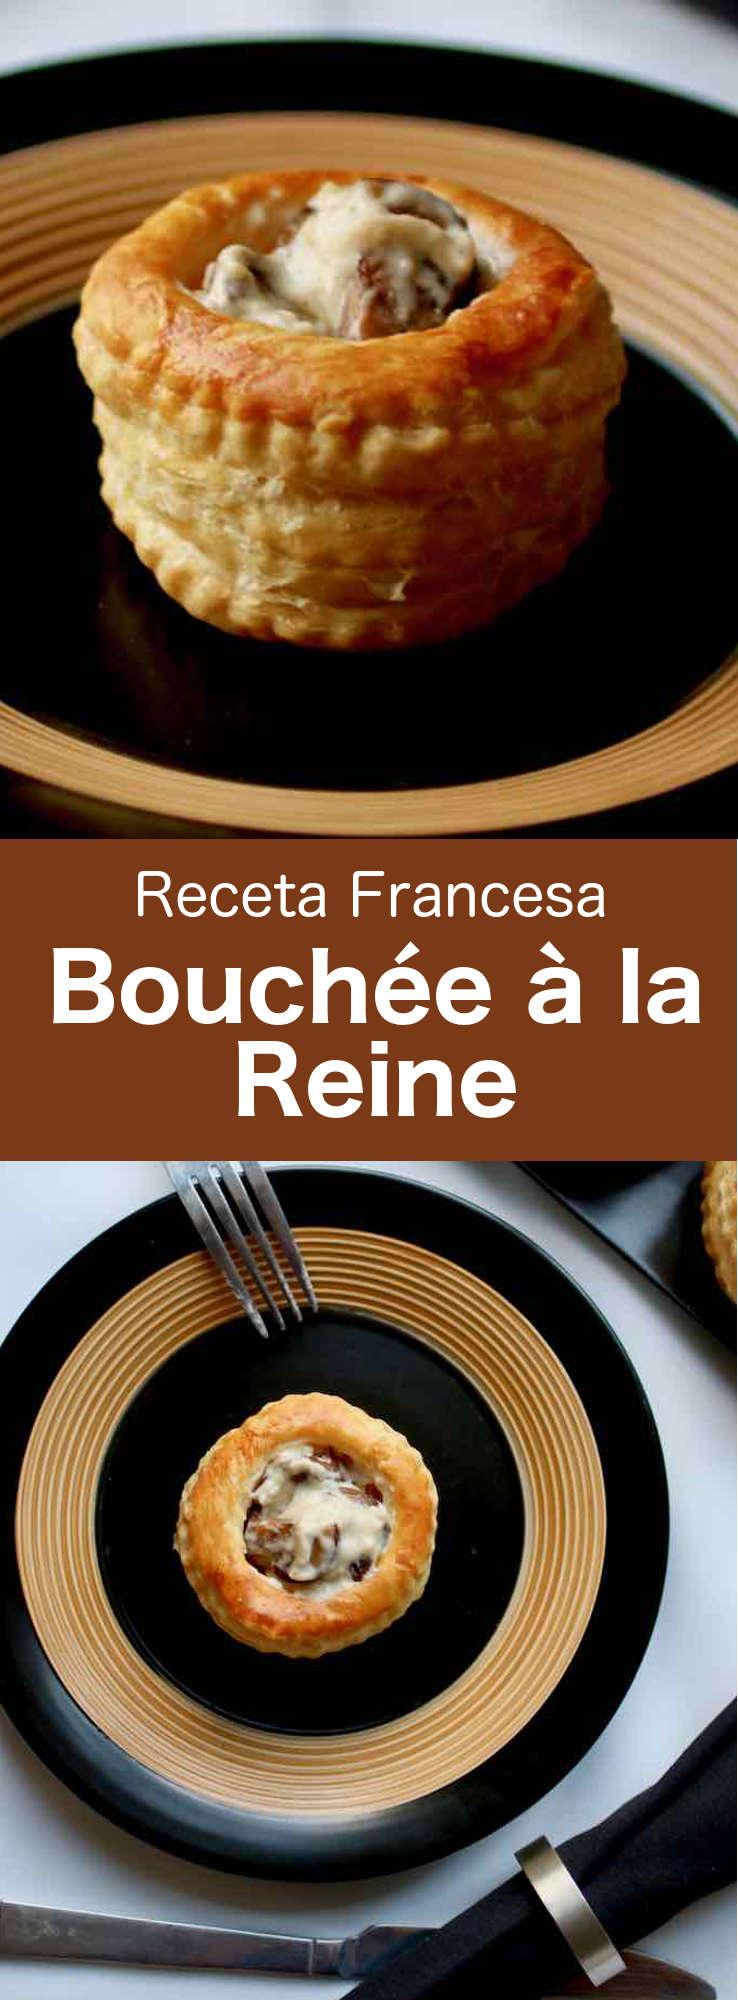 La bouchée à la reine es una especialidad tradicional francesa que consiste en un vol-au-vent (recipiente hueco de hojaldre) relleno con salpicón de pollo y salsa cremosa.